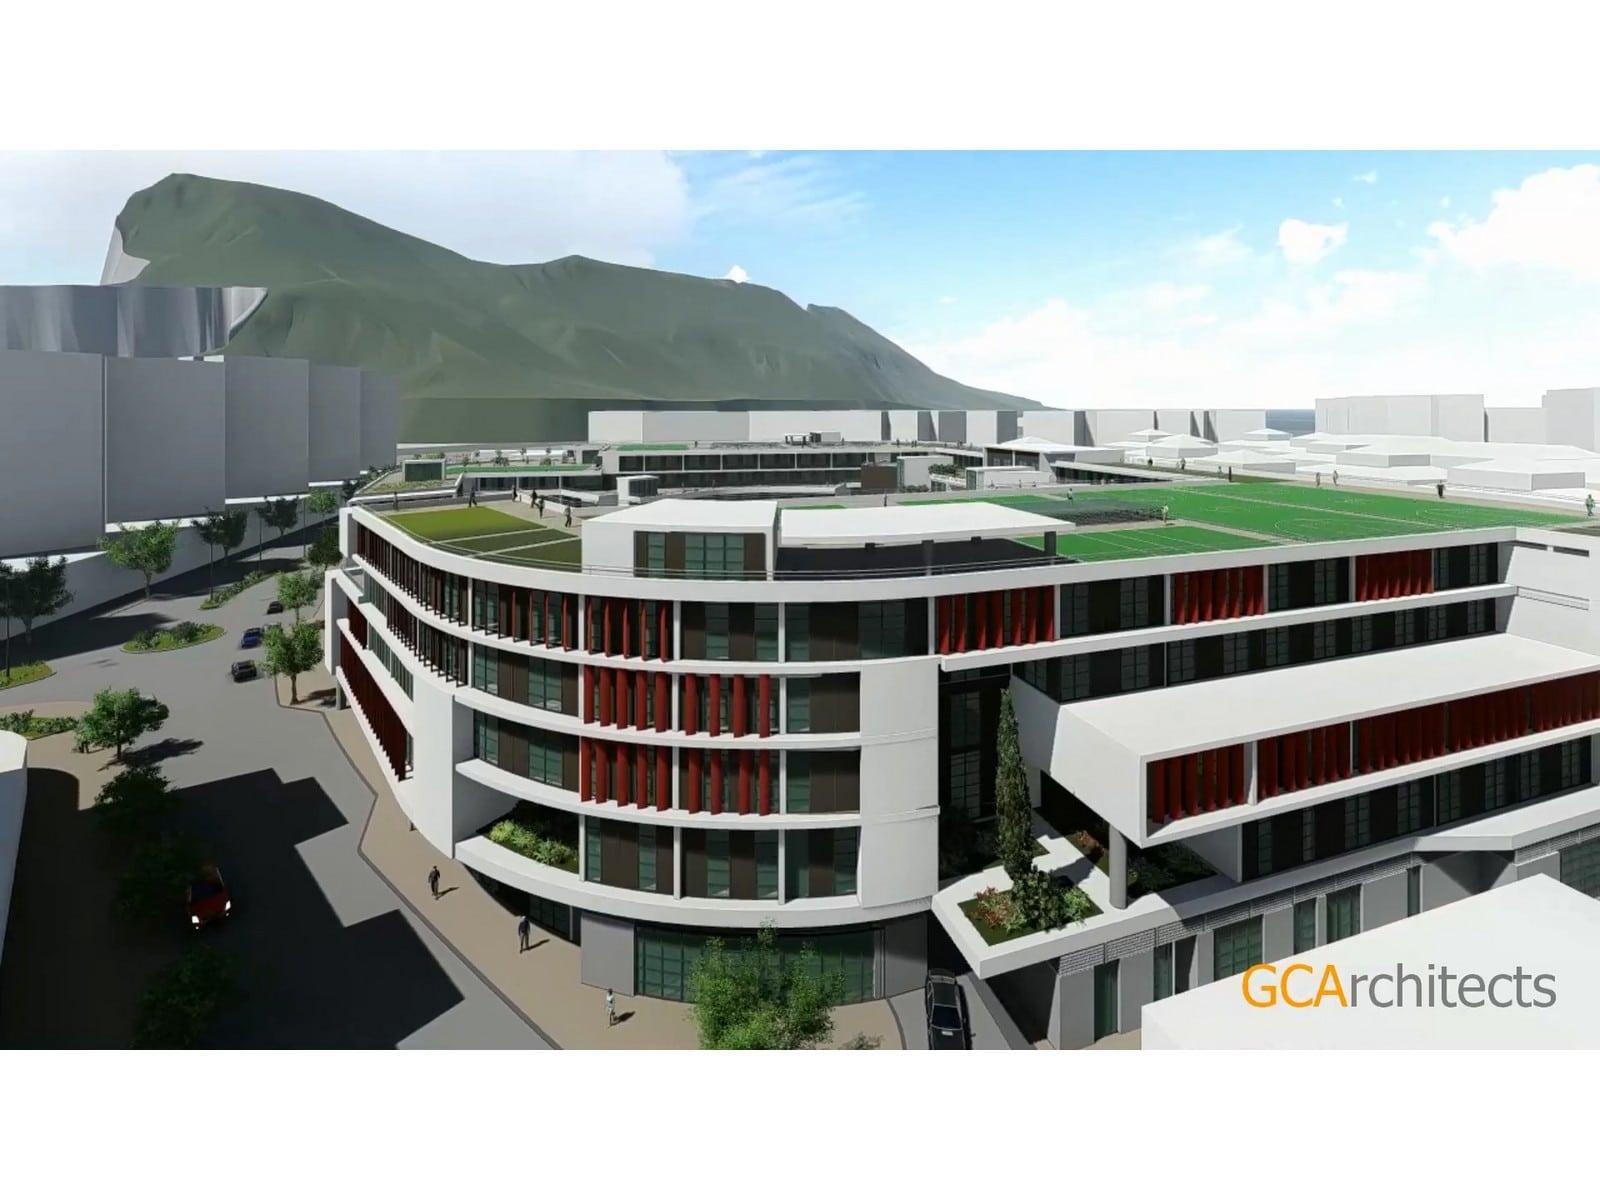 proyecto-de-construccin-de-las-dos-nuevas-escuelas-de-bayside-y-westside-en-waterport-gibraltar_27712734848_o